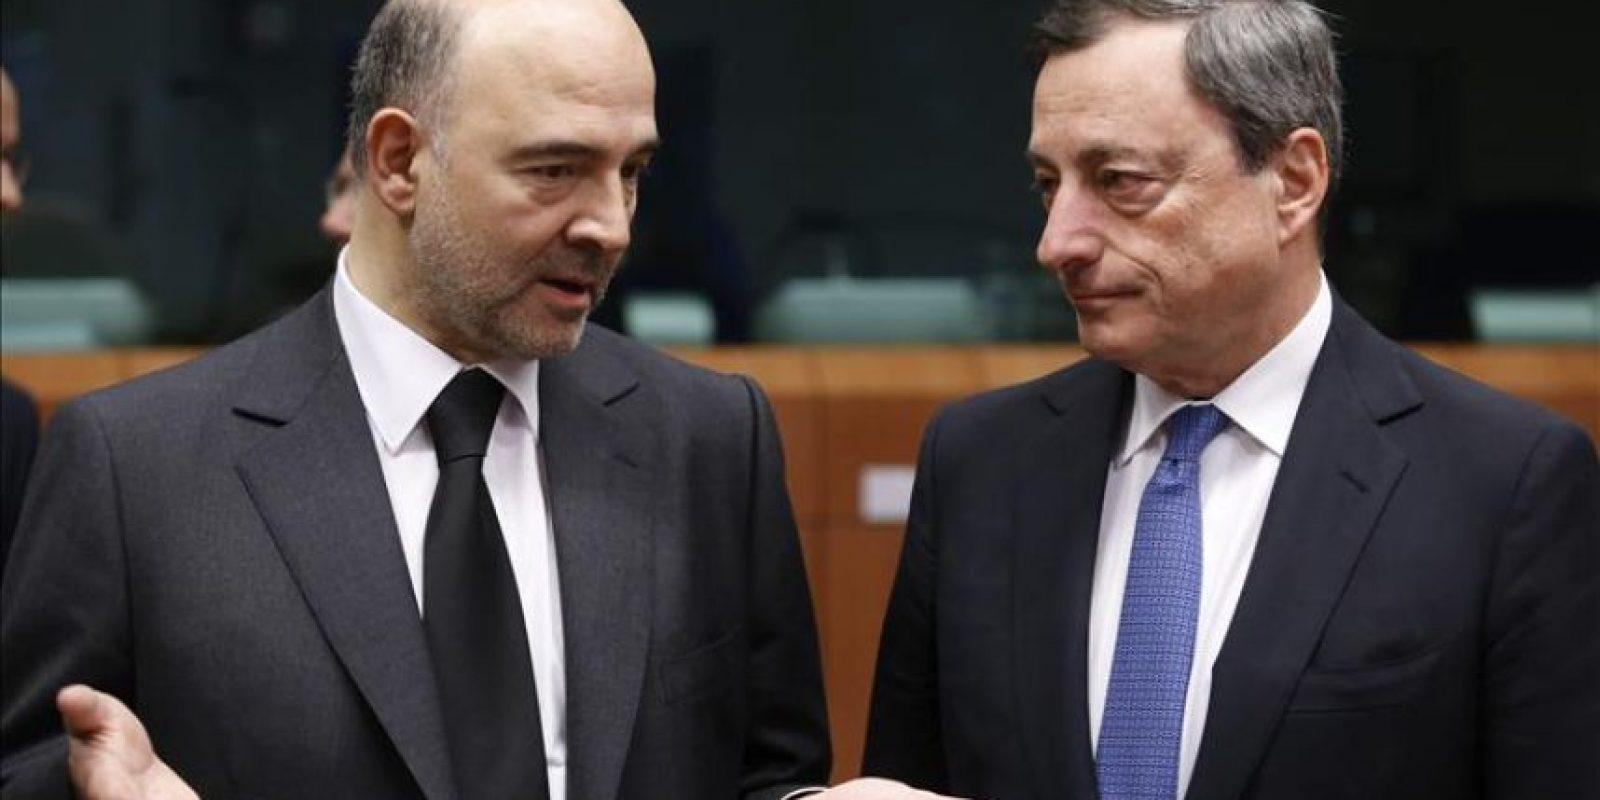 El comisario europeo de Asuntos Económicos, Pierre Moscovici (i), habla con el presidente del Banco Central Europeo, Mario Draghi (d), al inicio de la reunión de los ministros de Economía y Finanzas de la eurozona (Eurogrupo) en Bruselas, Bélgica. EFE